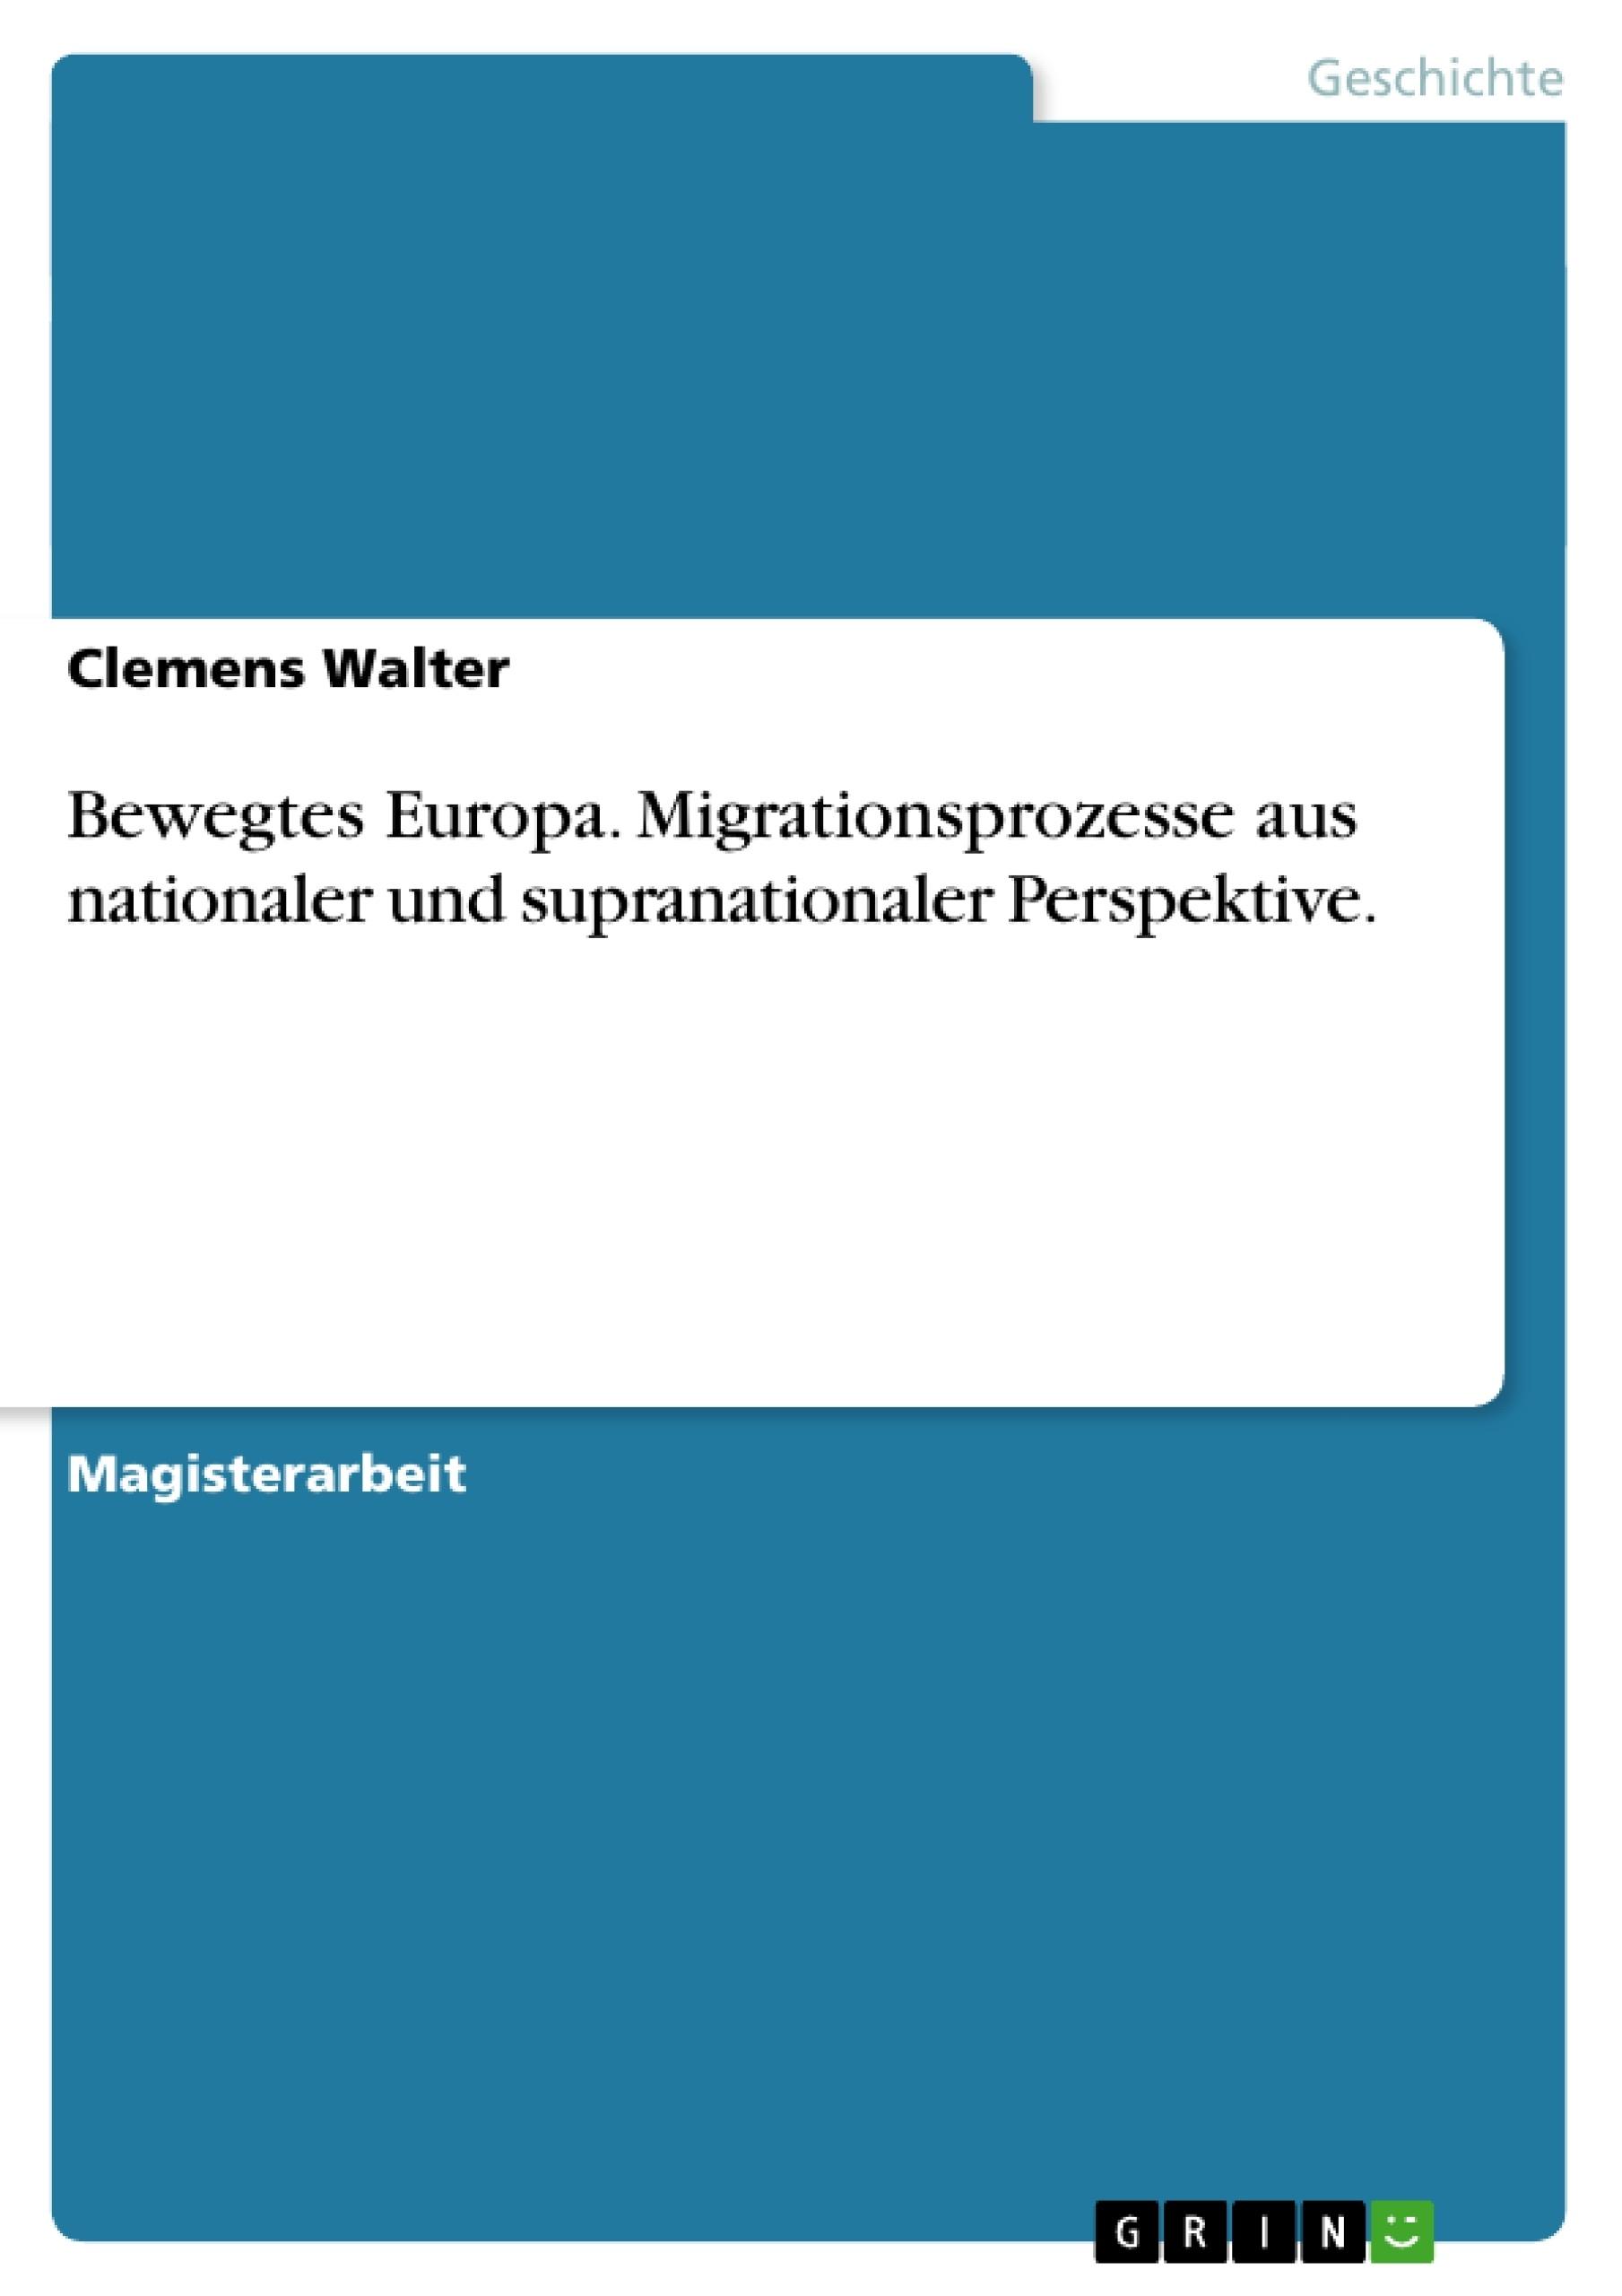 Titel: Bewegtes Europa. Migrationsprozesse aus nationaler und supranationaler Perspektive